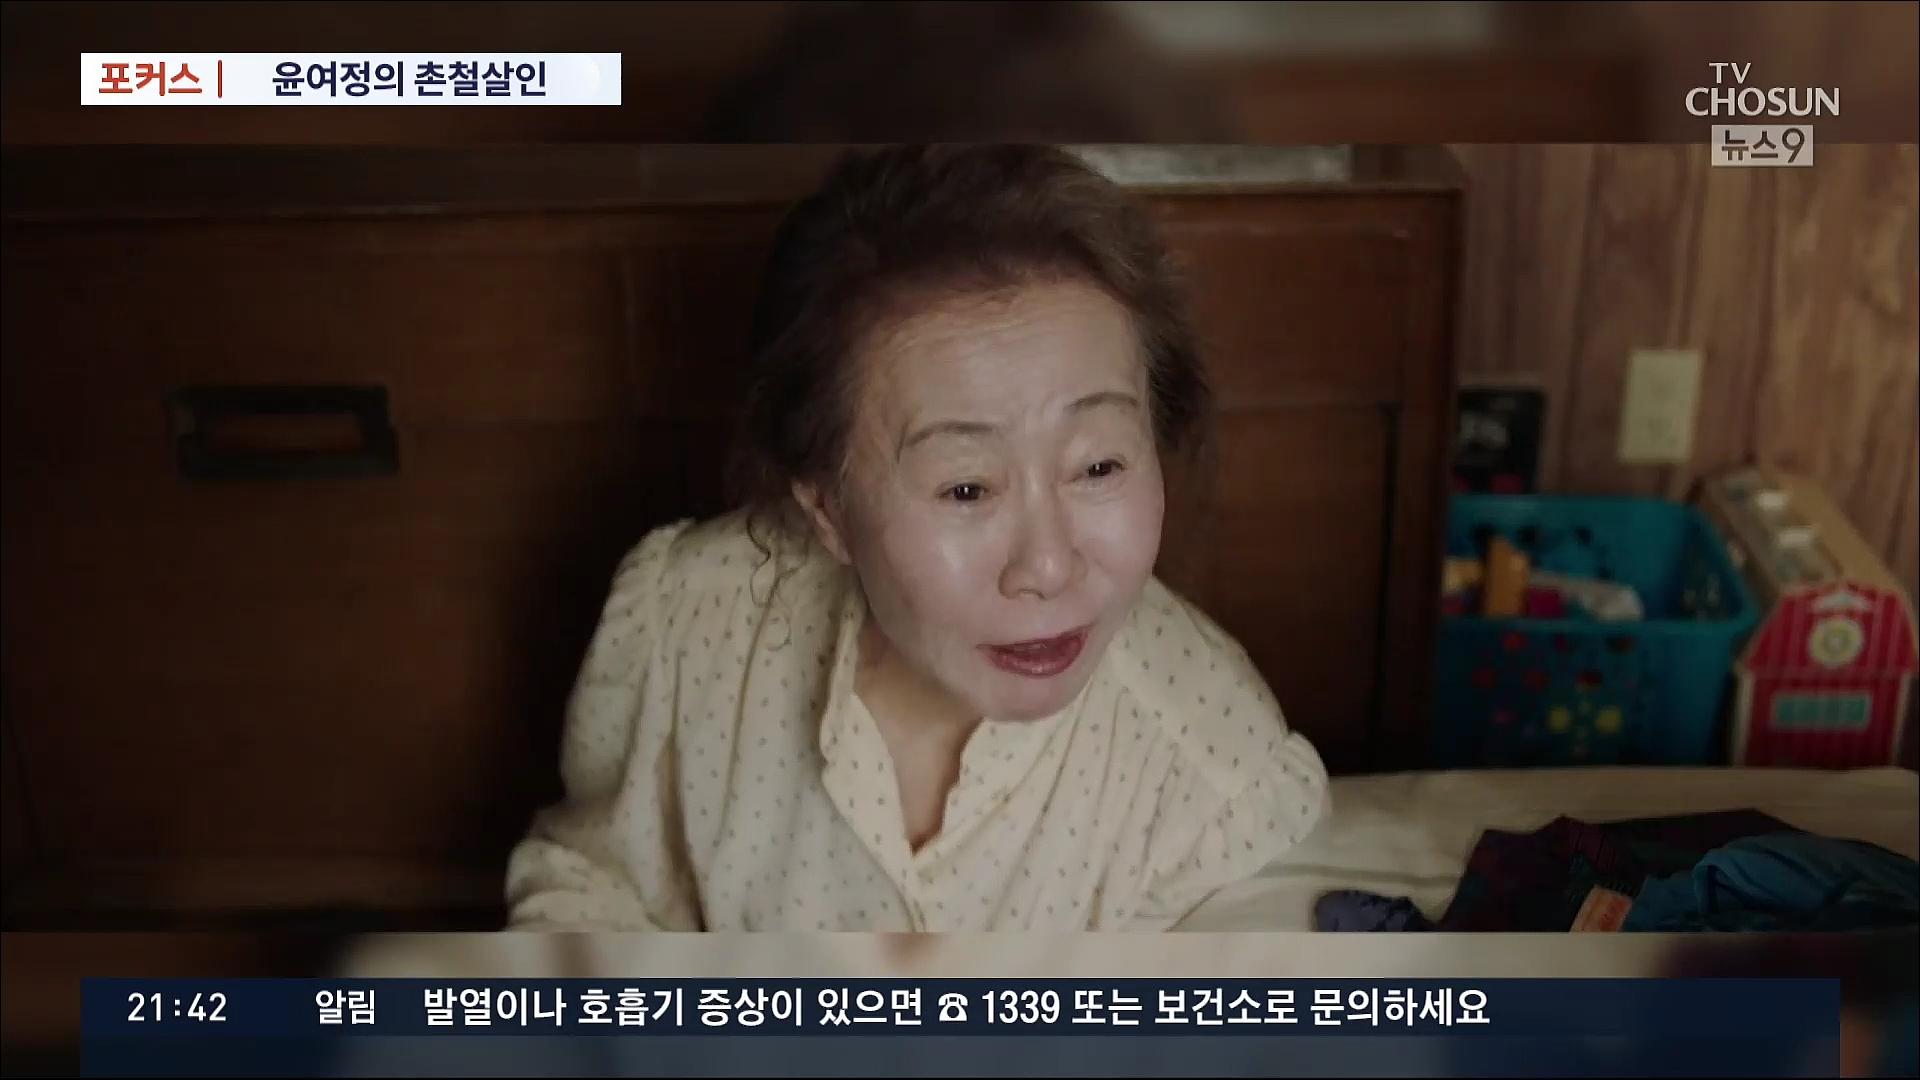 [포커스] '올해 최고 수상소감'…세계 사로잡은 '윤여정 어록'